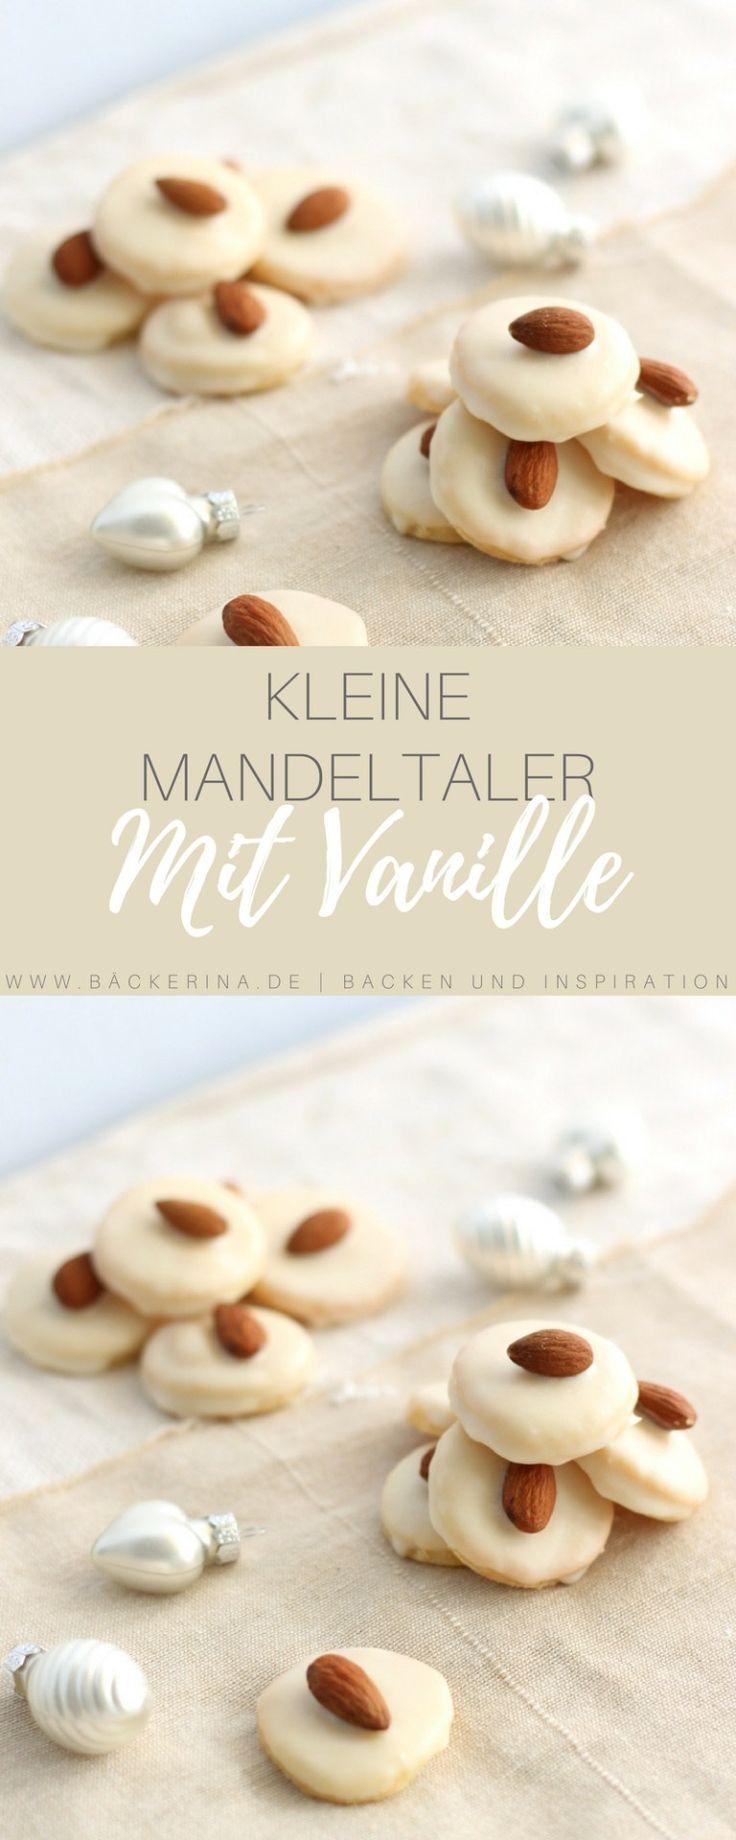 Mandeltaler mit Vanille